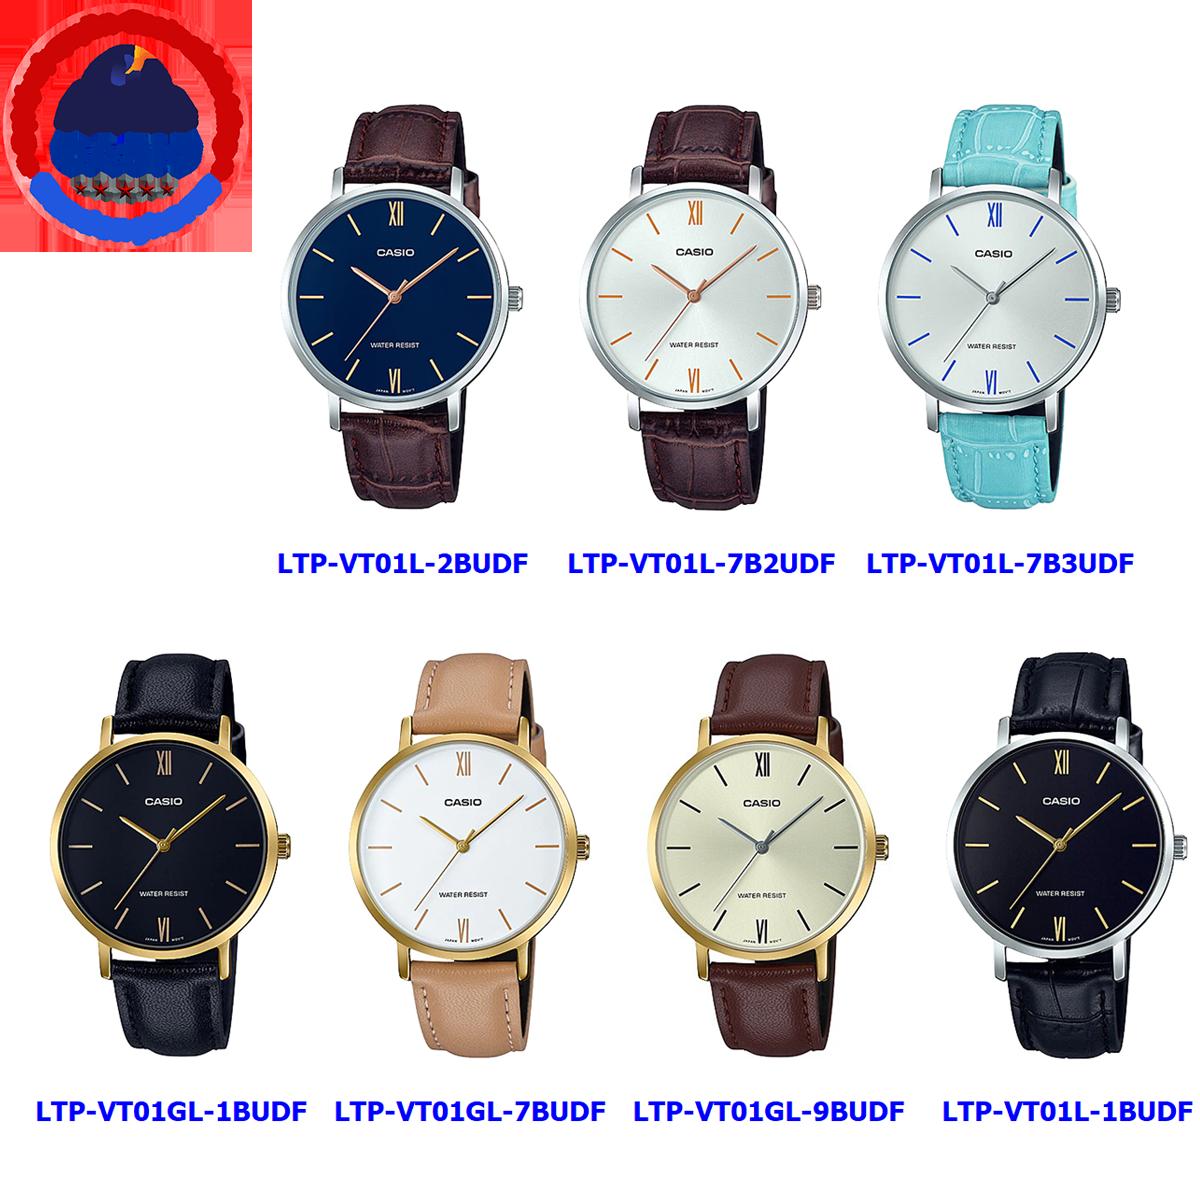 Đồng hồ nữ Casio LTP-VT01 ❤️ 𝐅𝐑𝐄𝐄𝐒𝐇𝐈𝐏 ❤️ Đồng hồ Casio chính hãng Anh Khuê đồng hồ nữ đẹp giá rẻ chính hãng